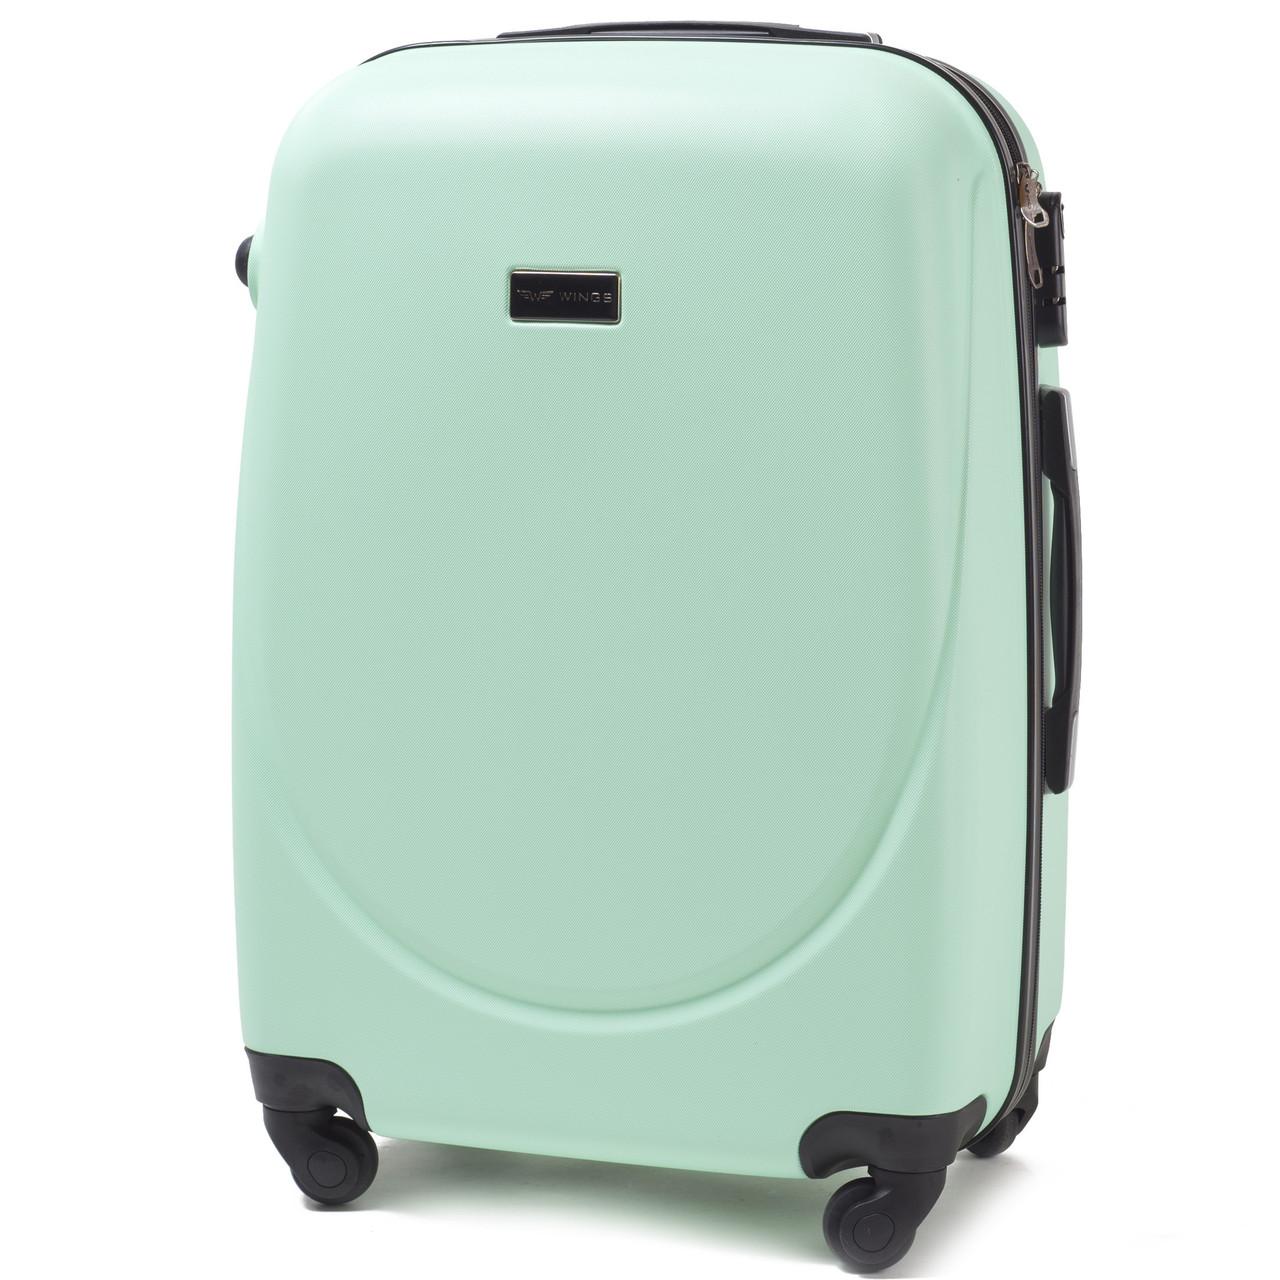 Средний пластиковый чемодан Wings 310 на 4 колесах зеленый, фото 1